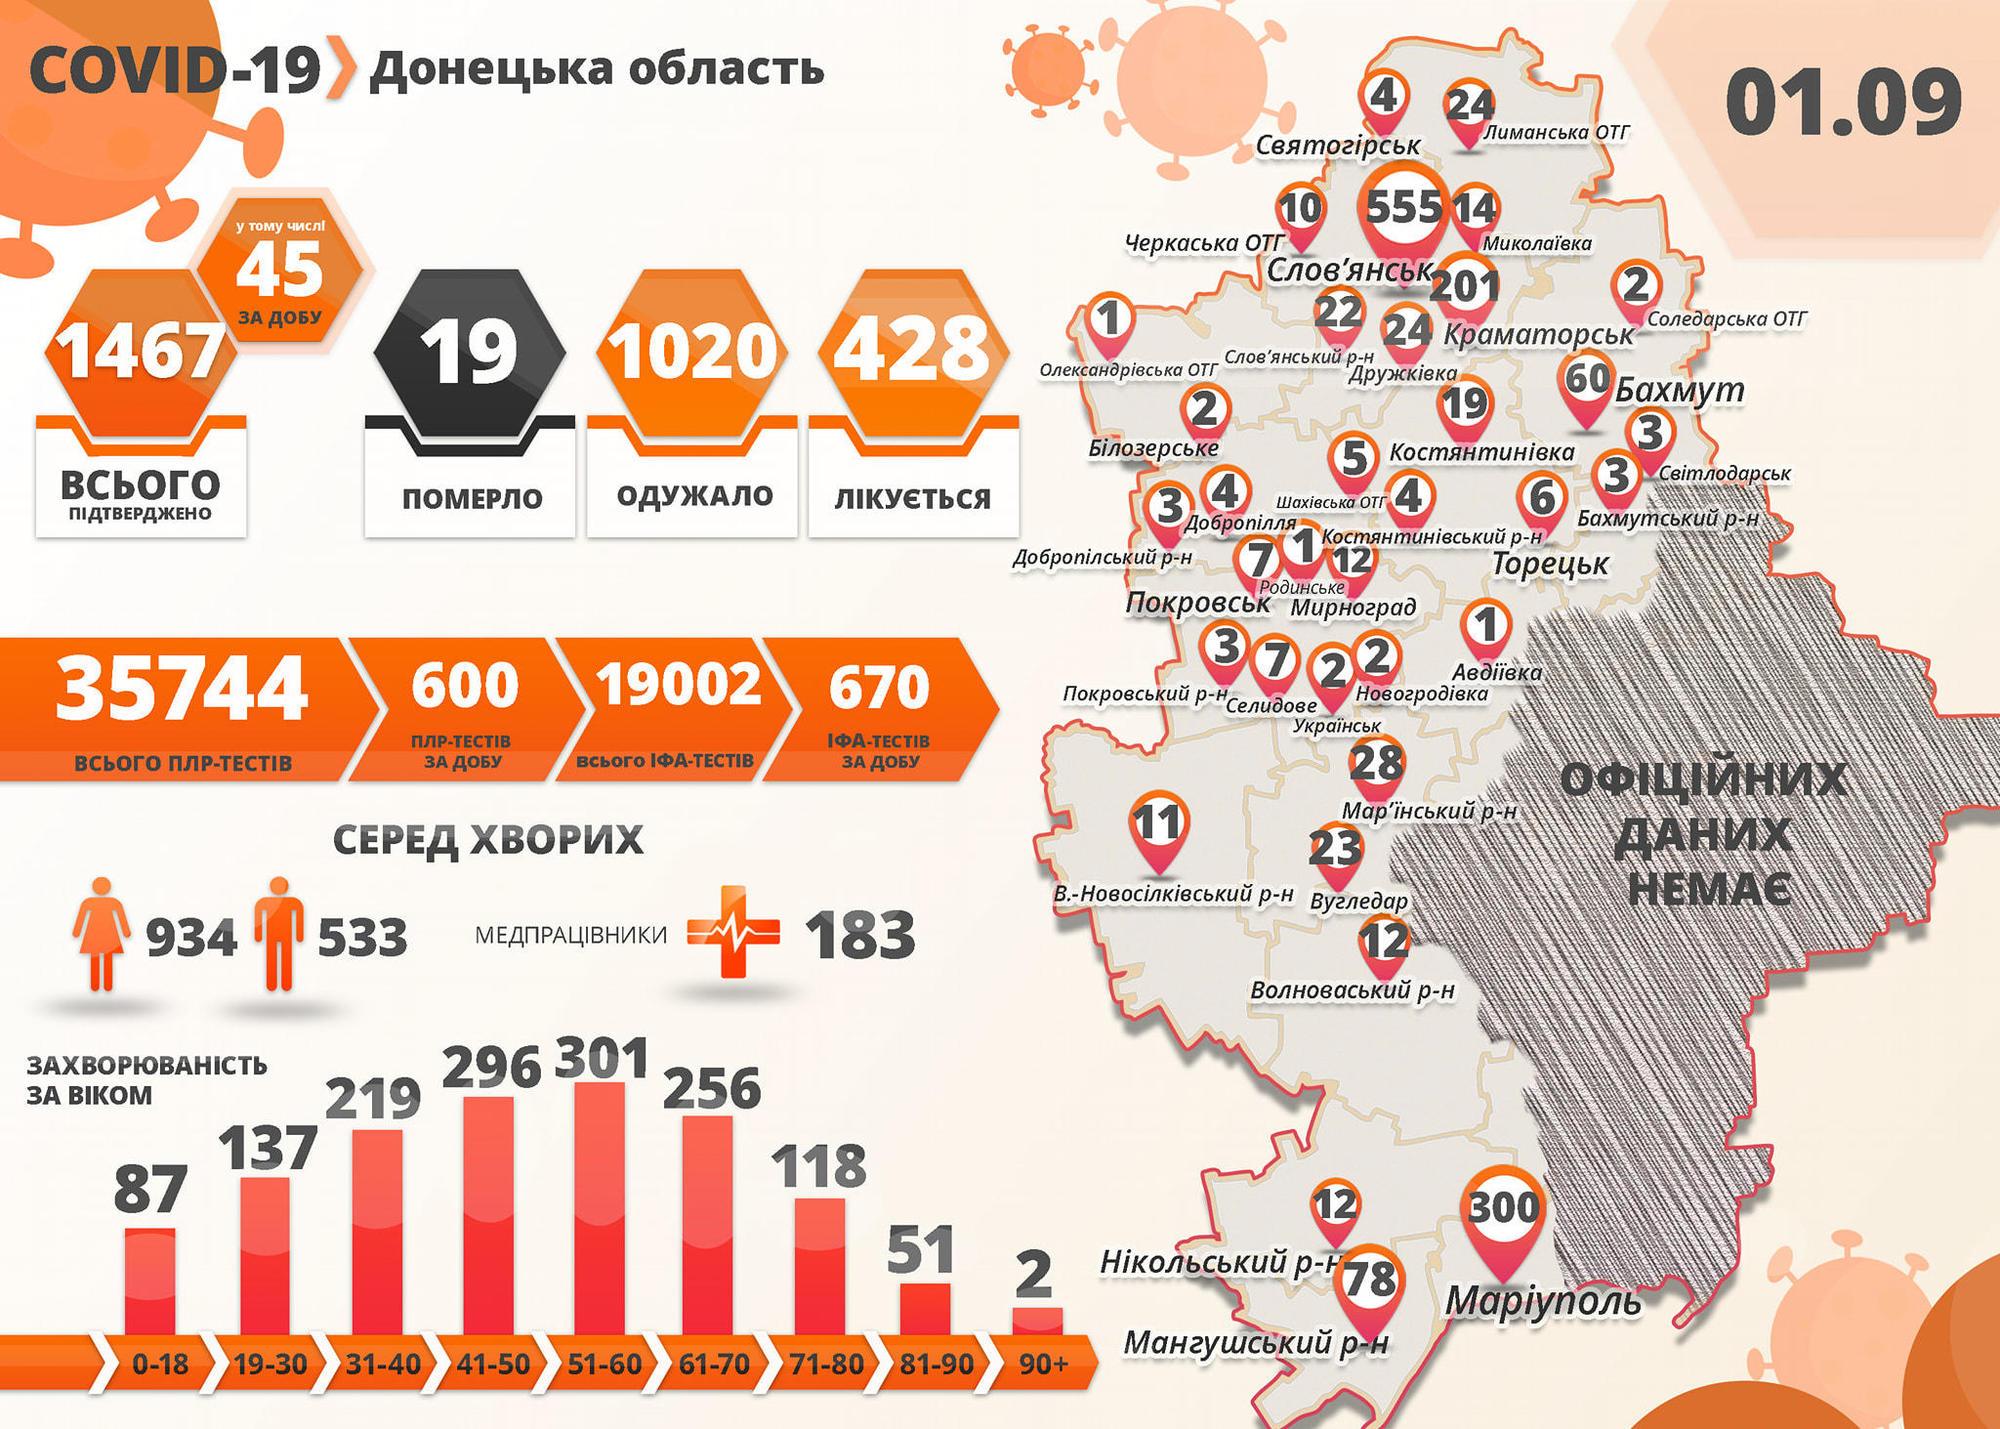 інфографіка Донецька область коронавірус розподіл по містах станом на 1 вересня